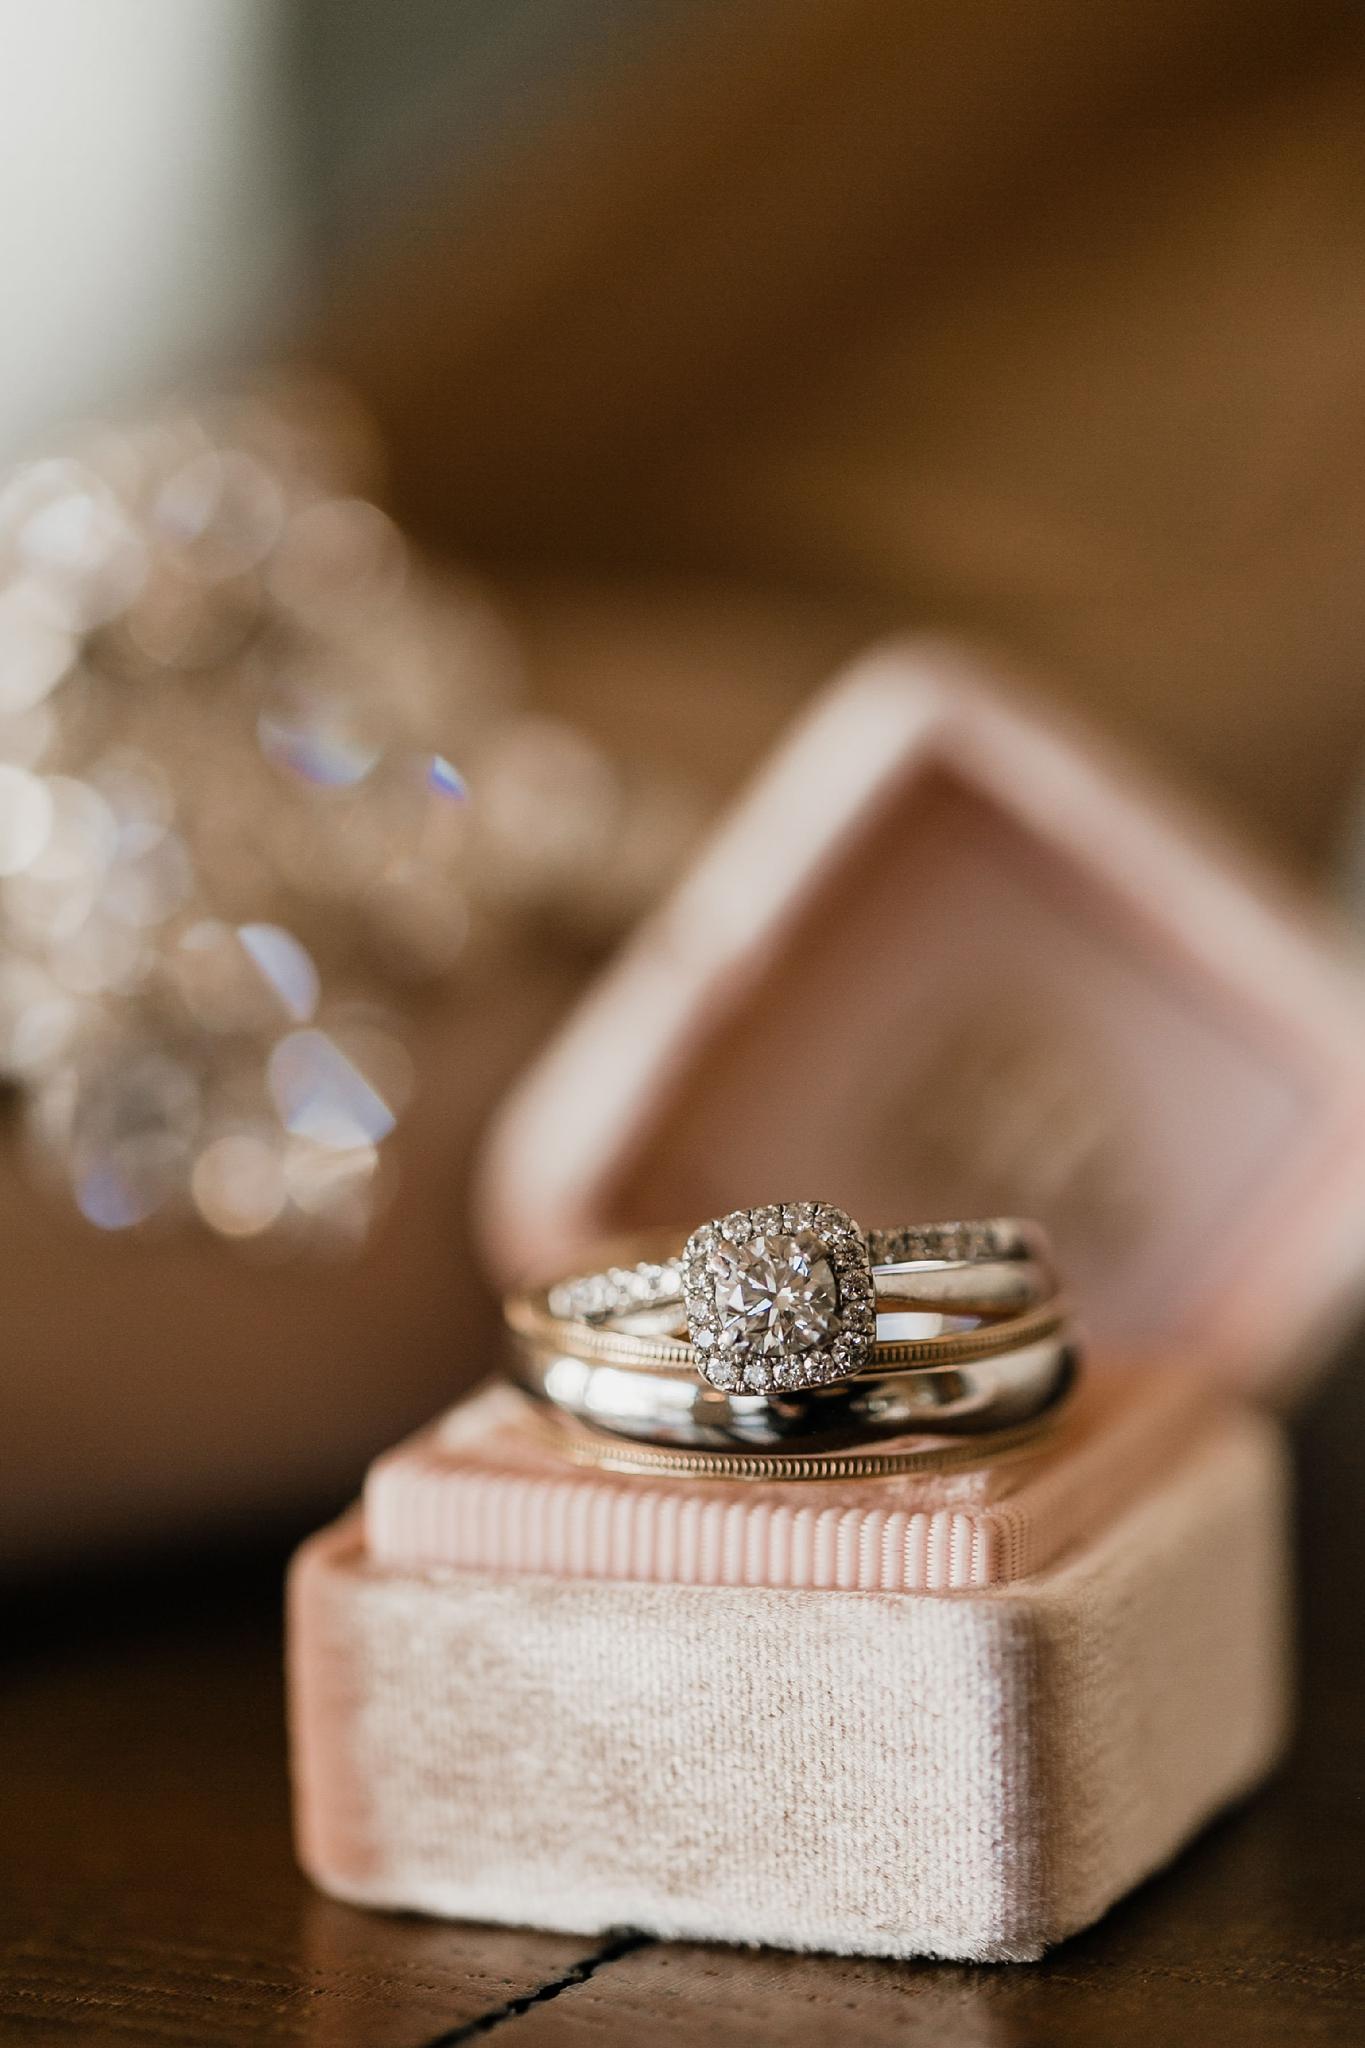 Alicia+lucia+photography+-+albuquerque+wedding+photographer+-+santa+fe+wedding+photography+-+new+mexico+wedding+photographer+-+new+mexico+wedding+-+santa+fe+wedding+-+albuquerque+wedding+-+wedding+rings+-+engagement+rings_0017.jpg